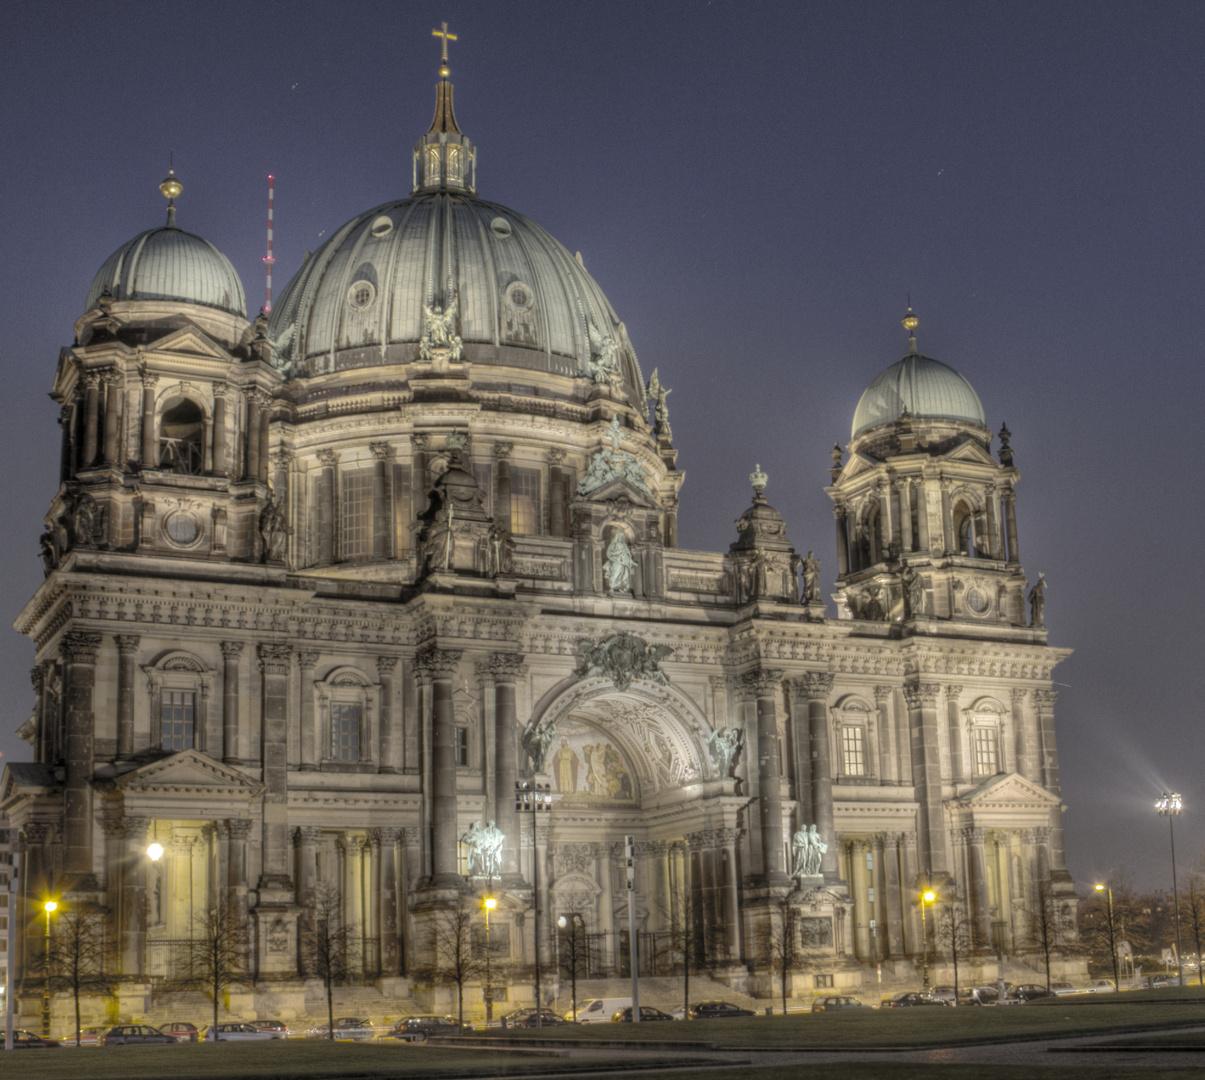 Berlin at night #17